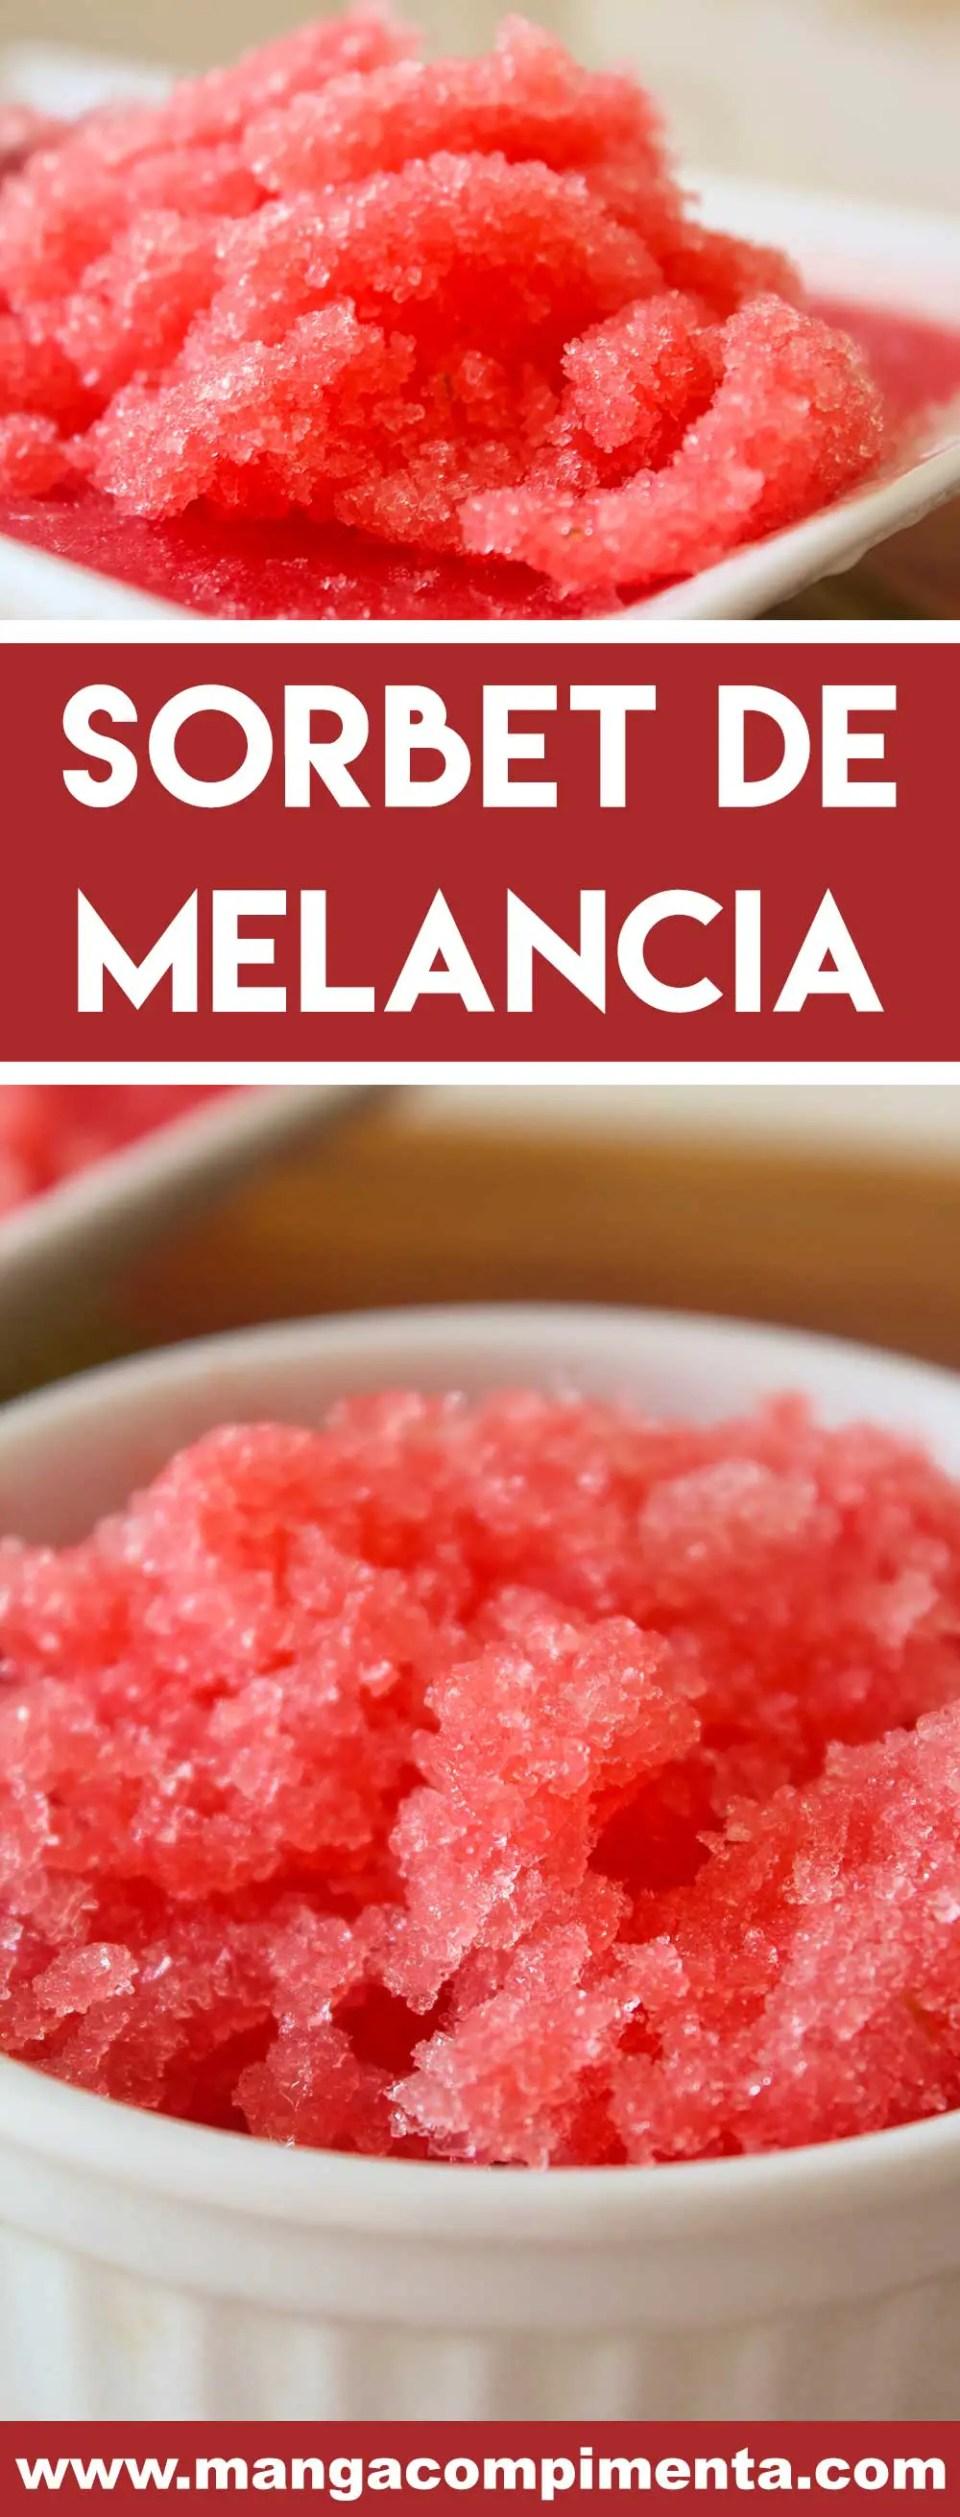 Sorbet de Melancia - uma sobremesa para refrescar em dias quentes de verão.